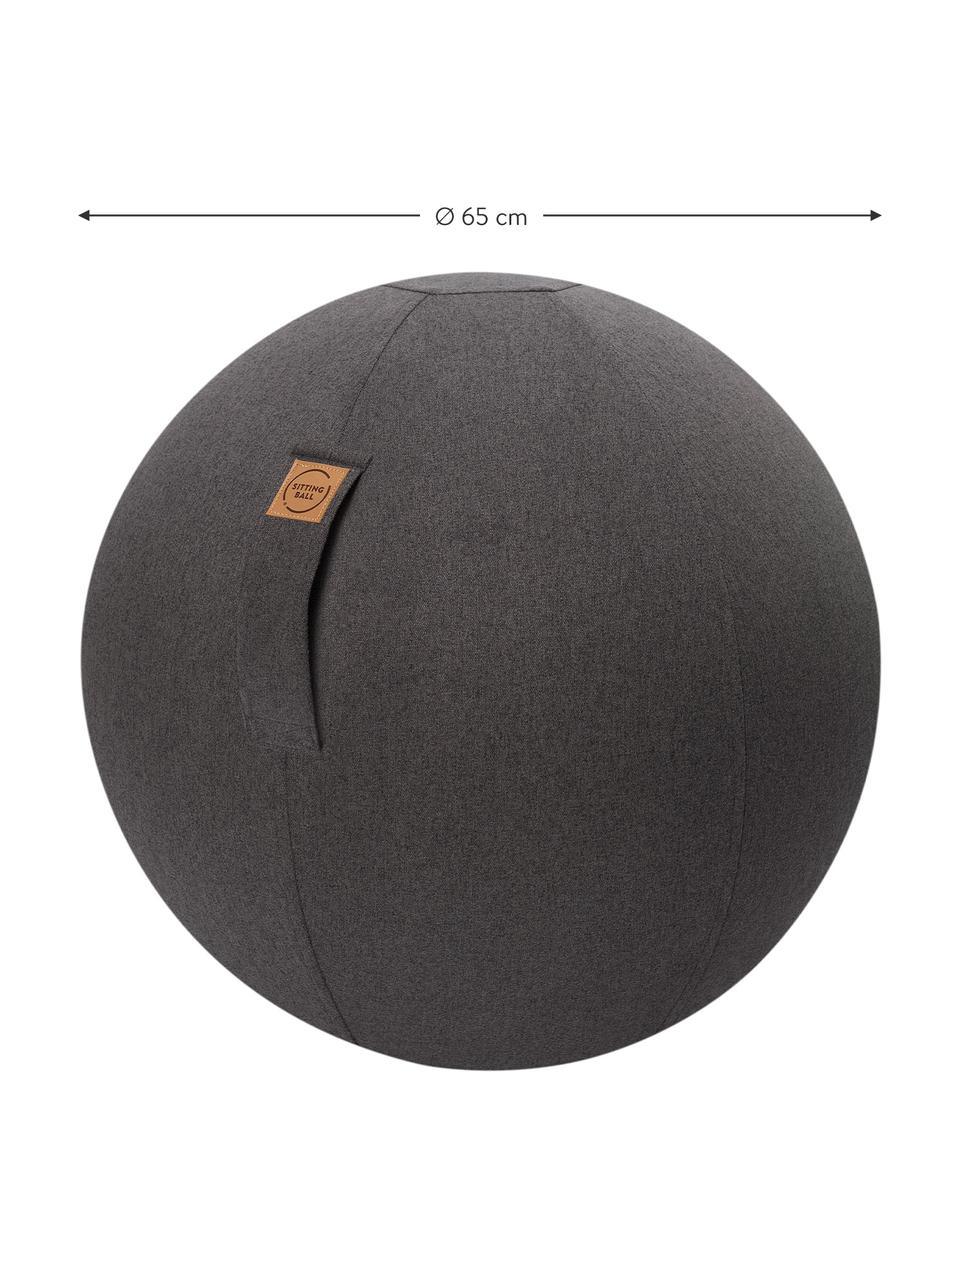 Piłka do siedzenia z rączką Felt, Tapicerka: poliester (imitacja filcu, Antracytowy, Ø 65 cm